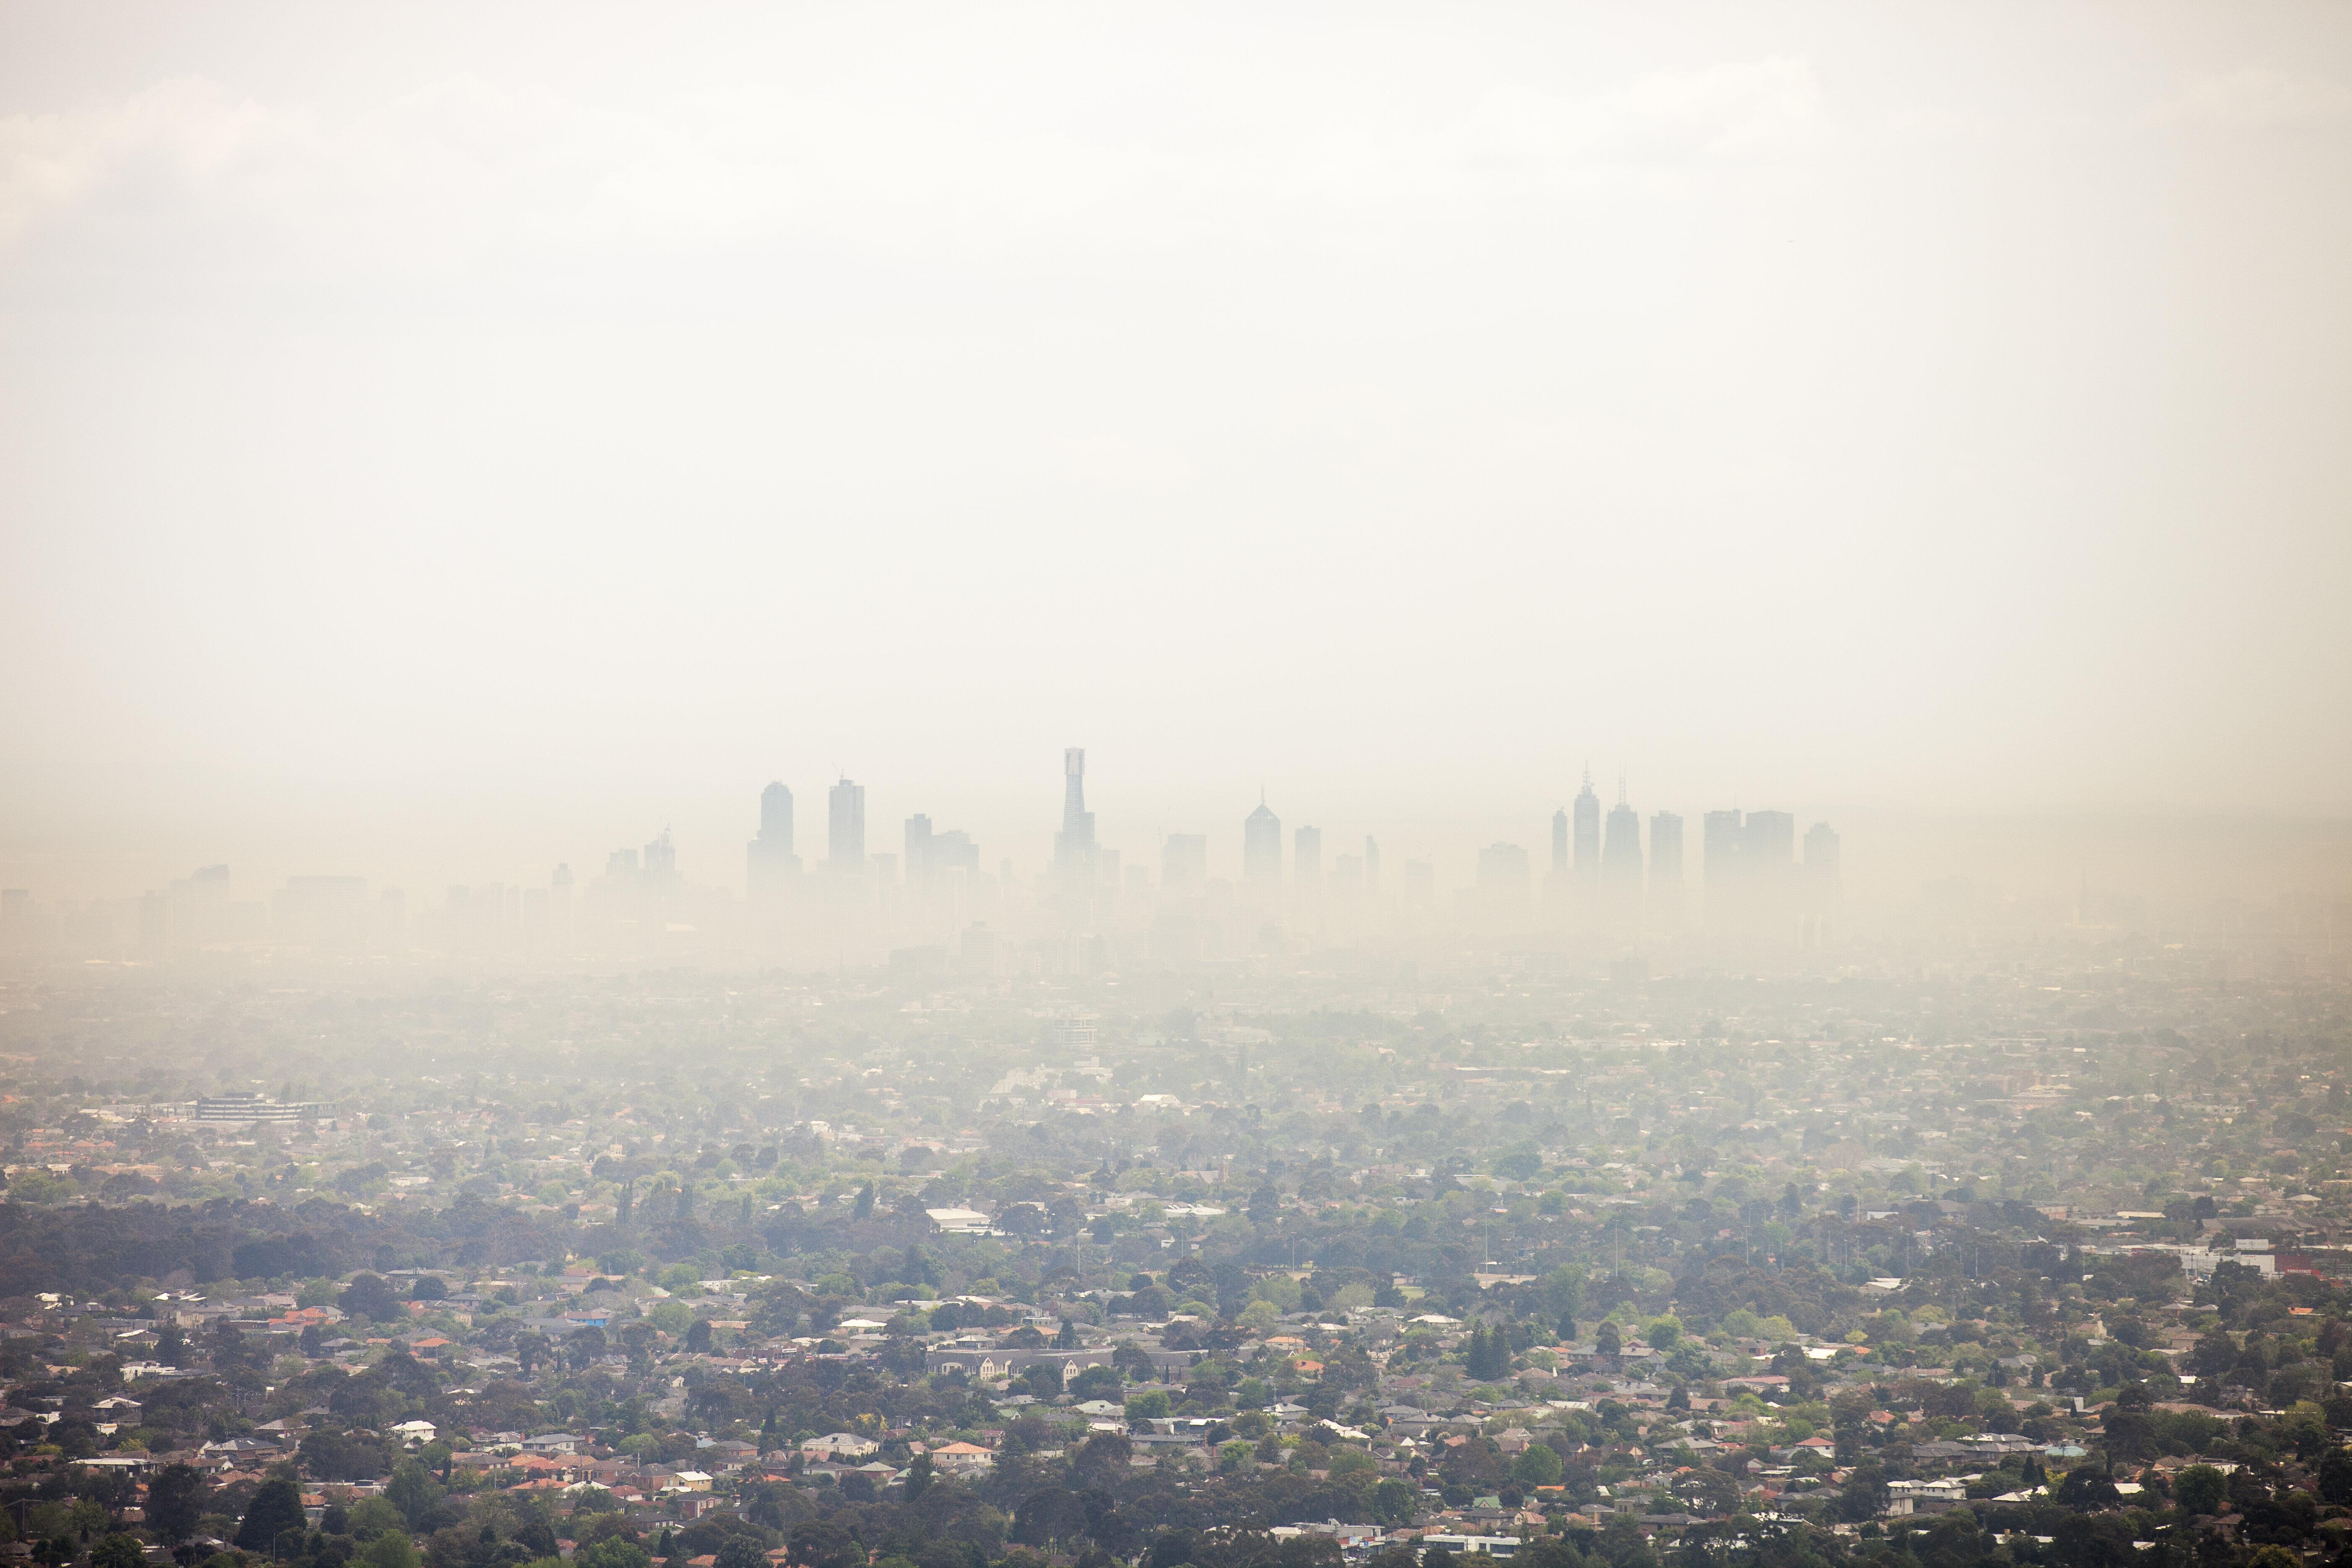 Τρομακτική αποκάλυψη: Η ατμοσφαιρική ρύπανση βλάπτει κάθε ανθρώπινο